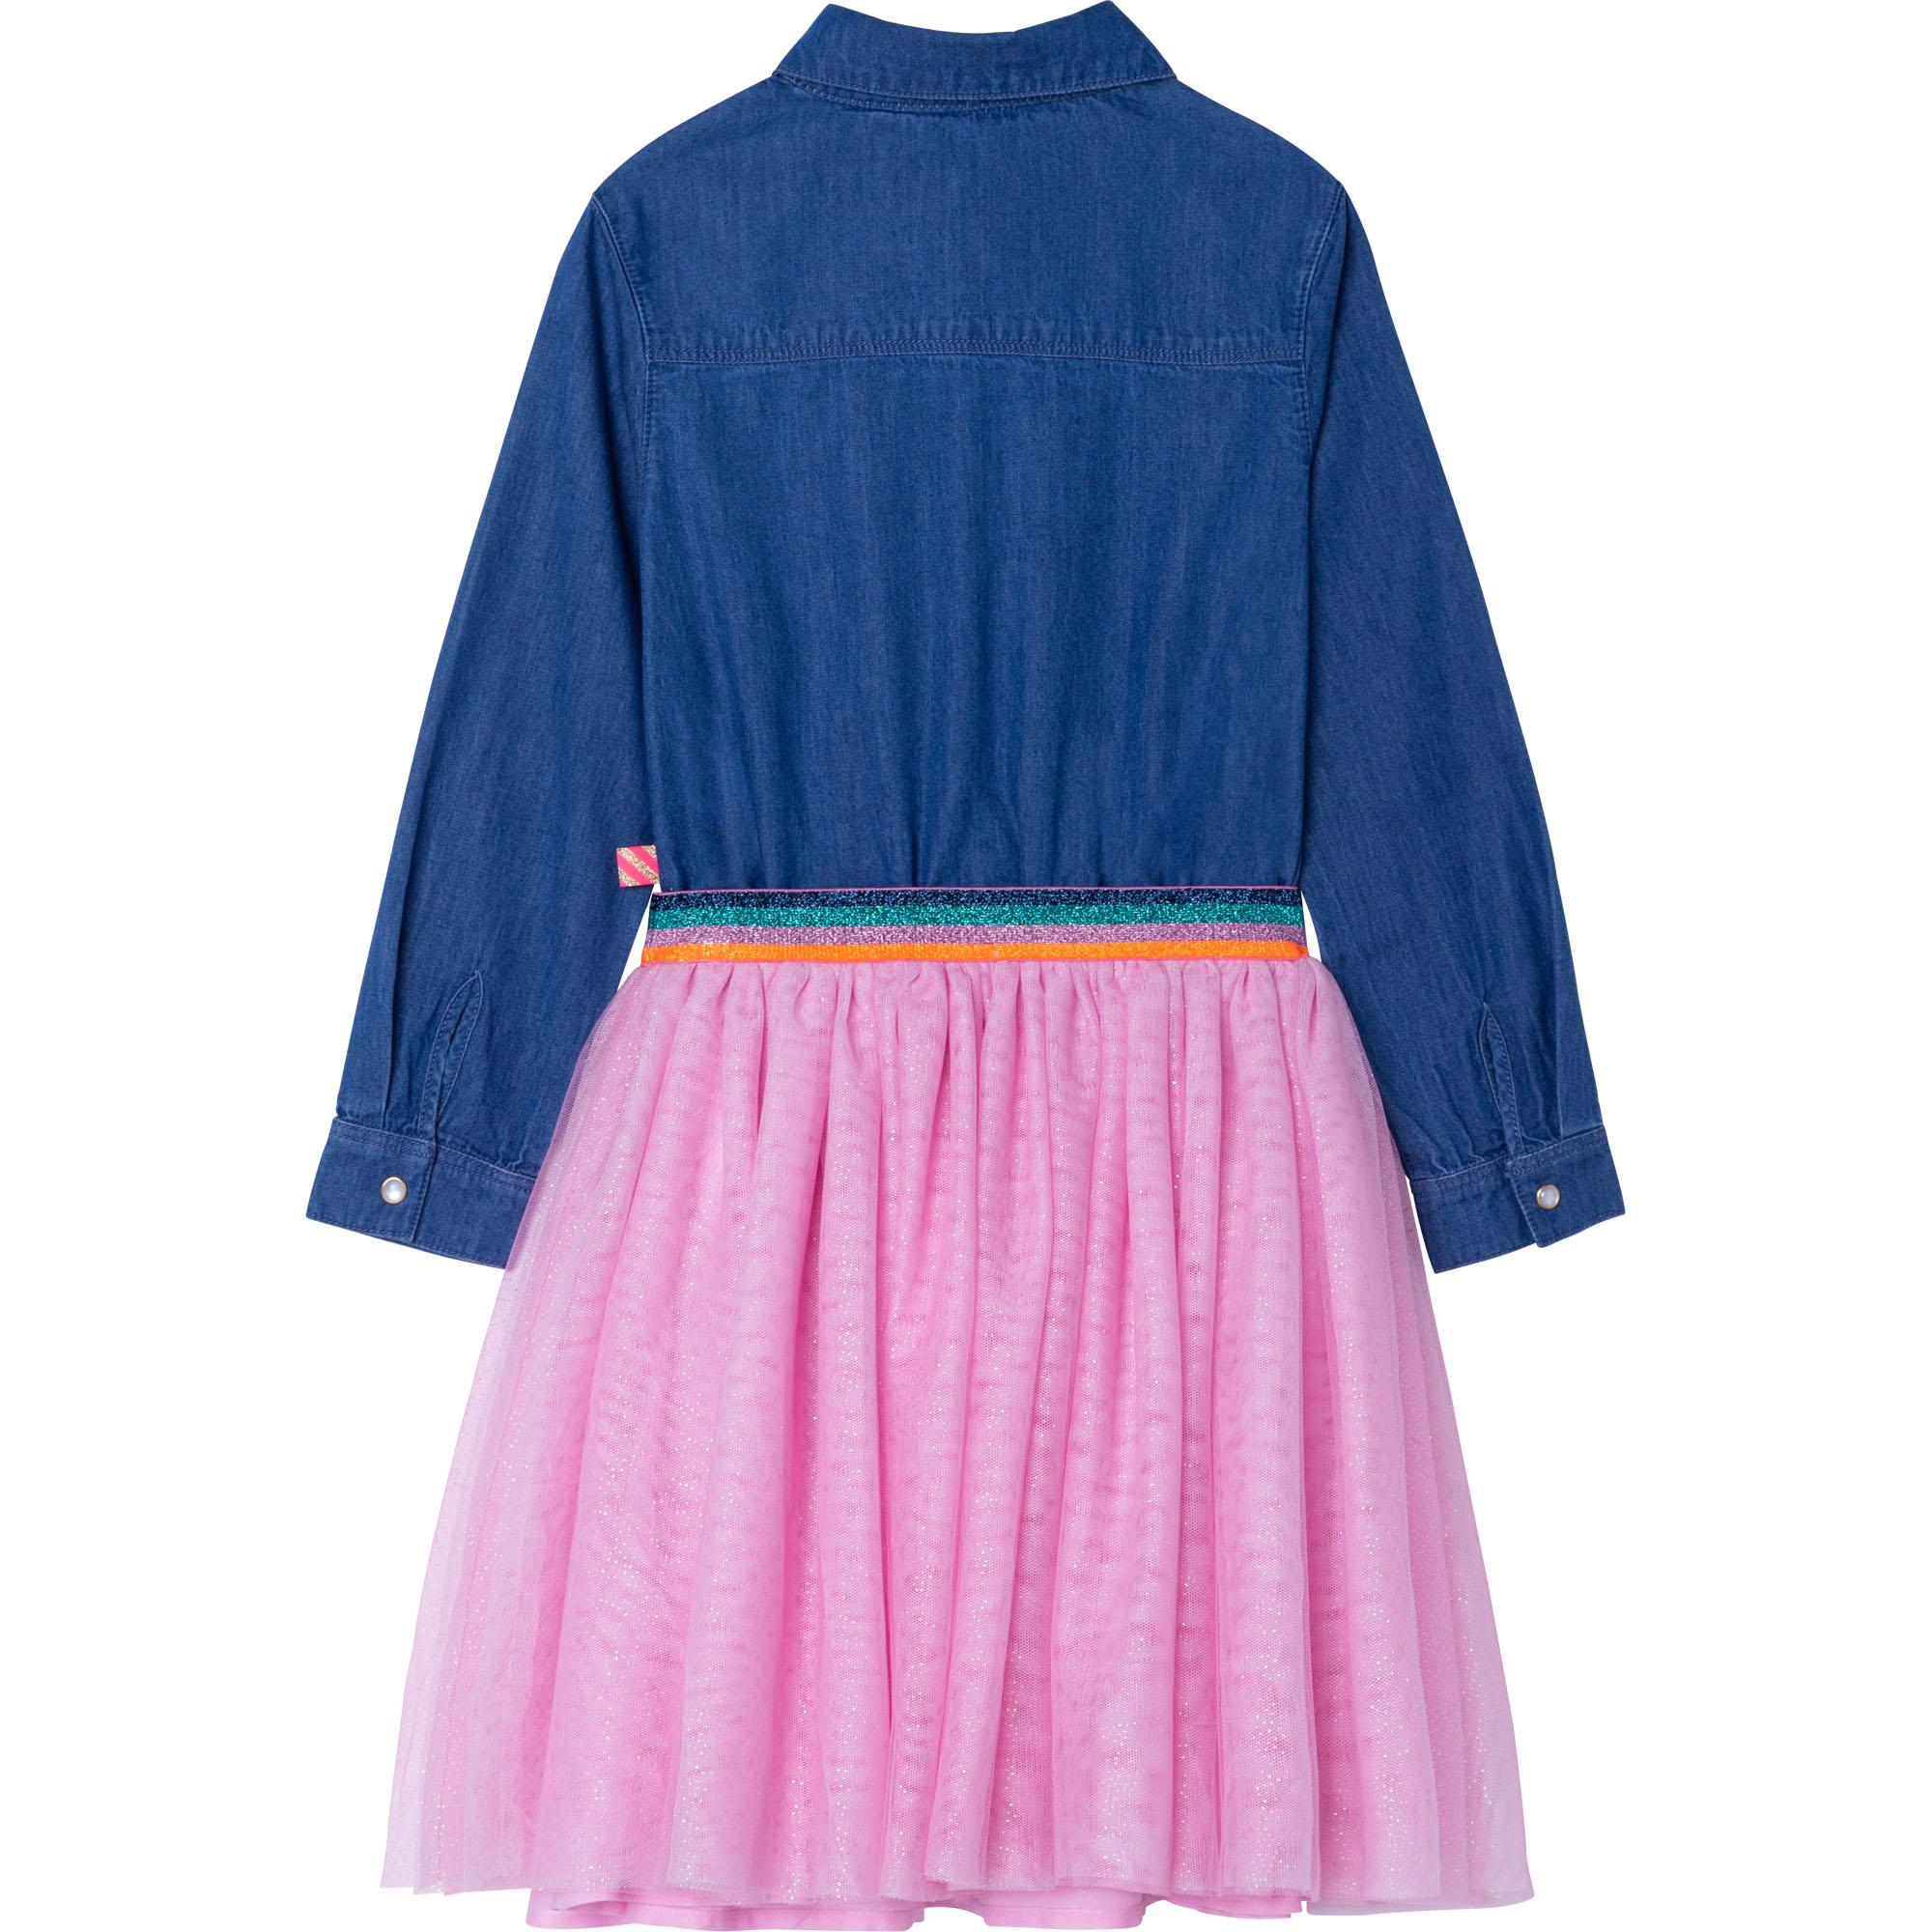 Denim and tulle dress BILLIEBLUSH for GIRL